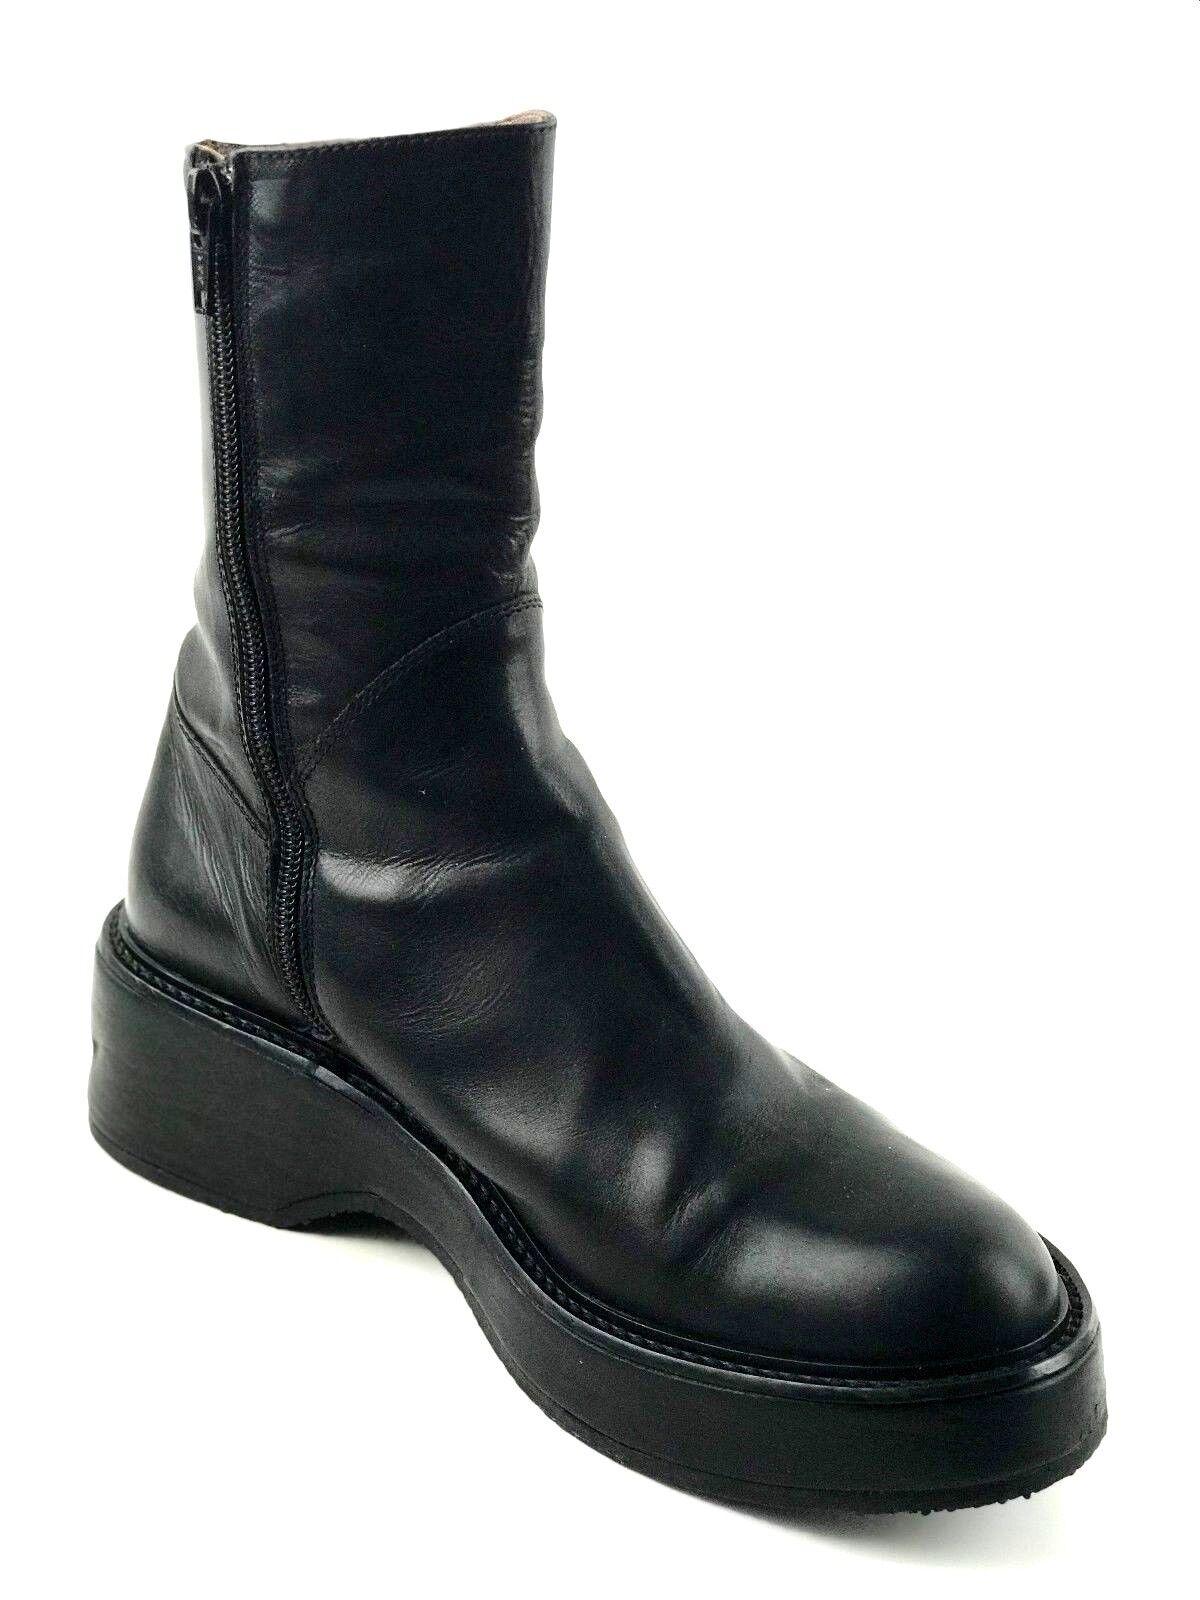 JEAN CLAUDE MONDERER Paris Gothic Punk Black Boots  US.7 UK.5 EU.37.5